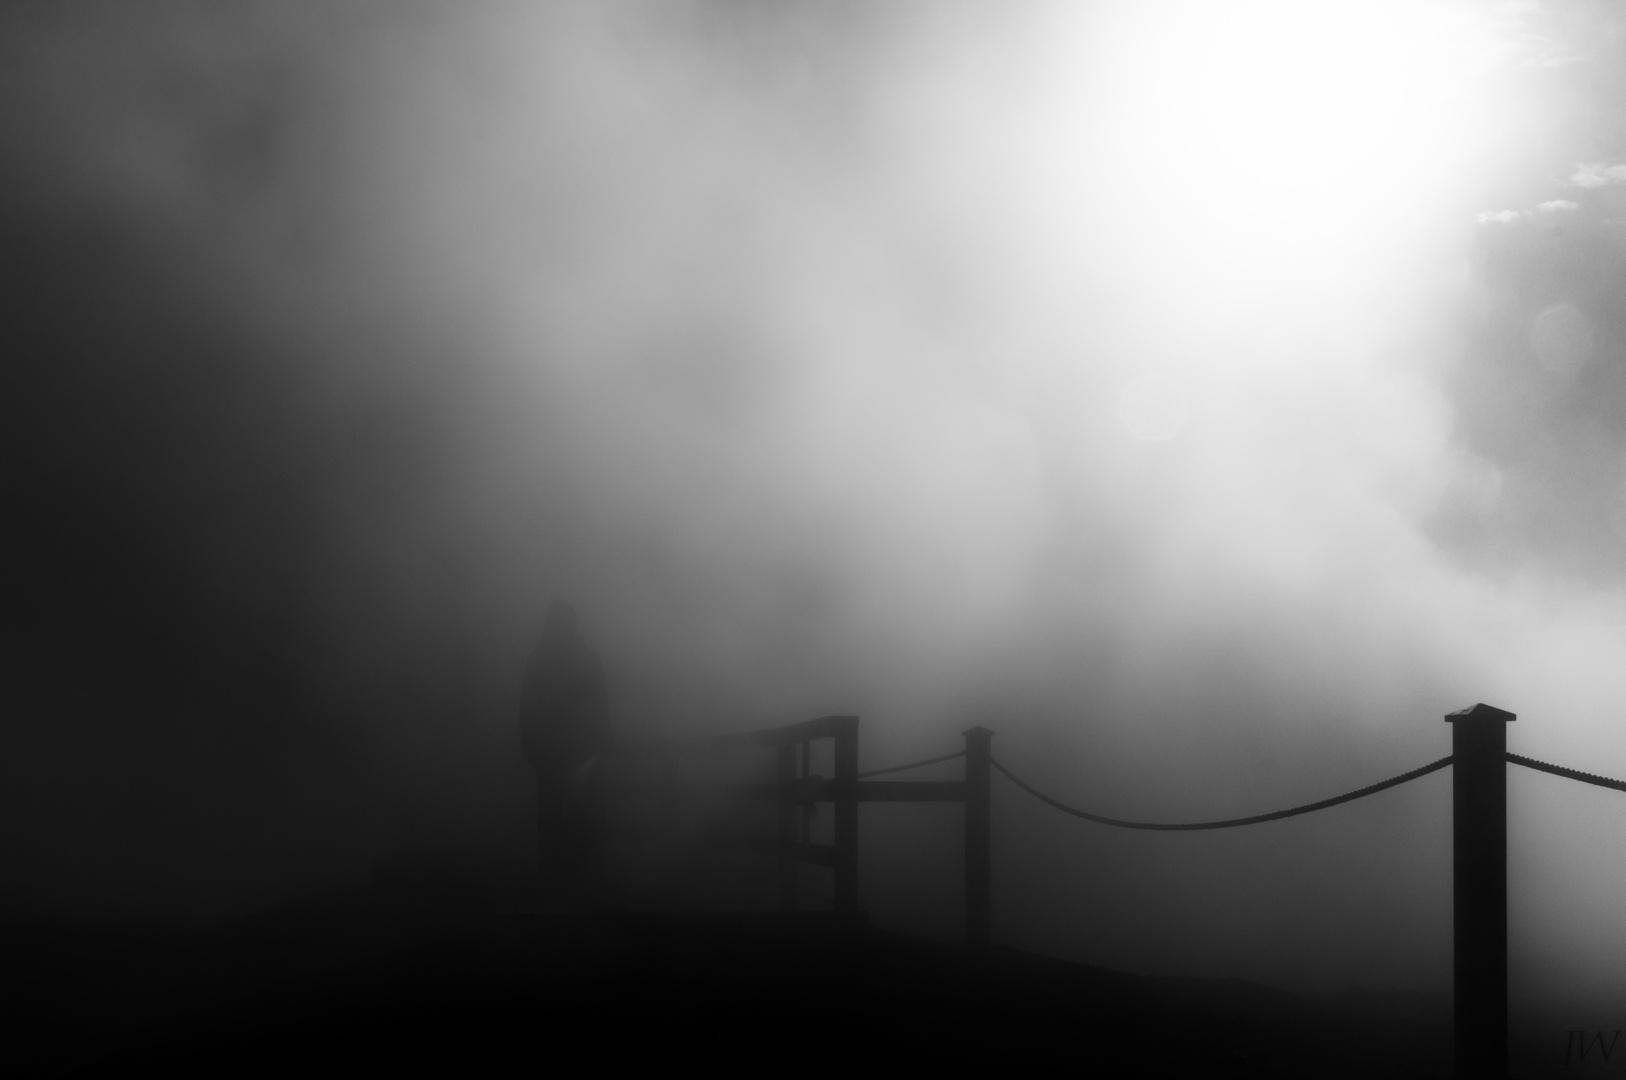 Die Furcht vor schemenhaften Gestalten aus nebligen Gedanken